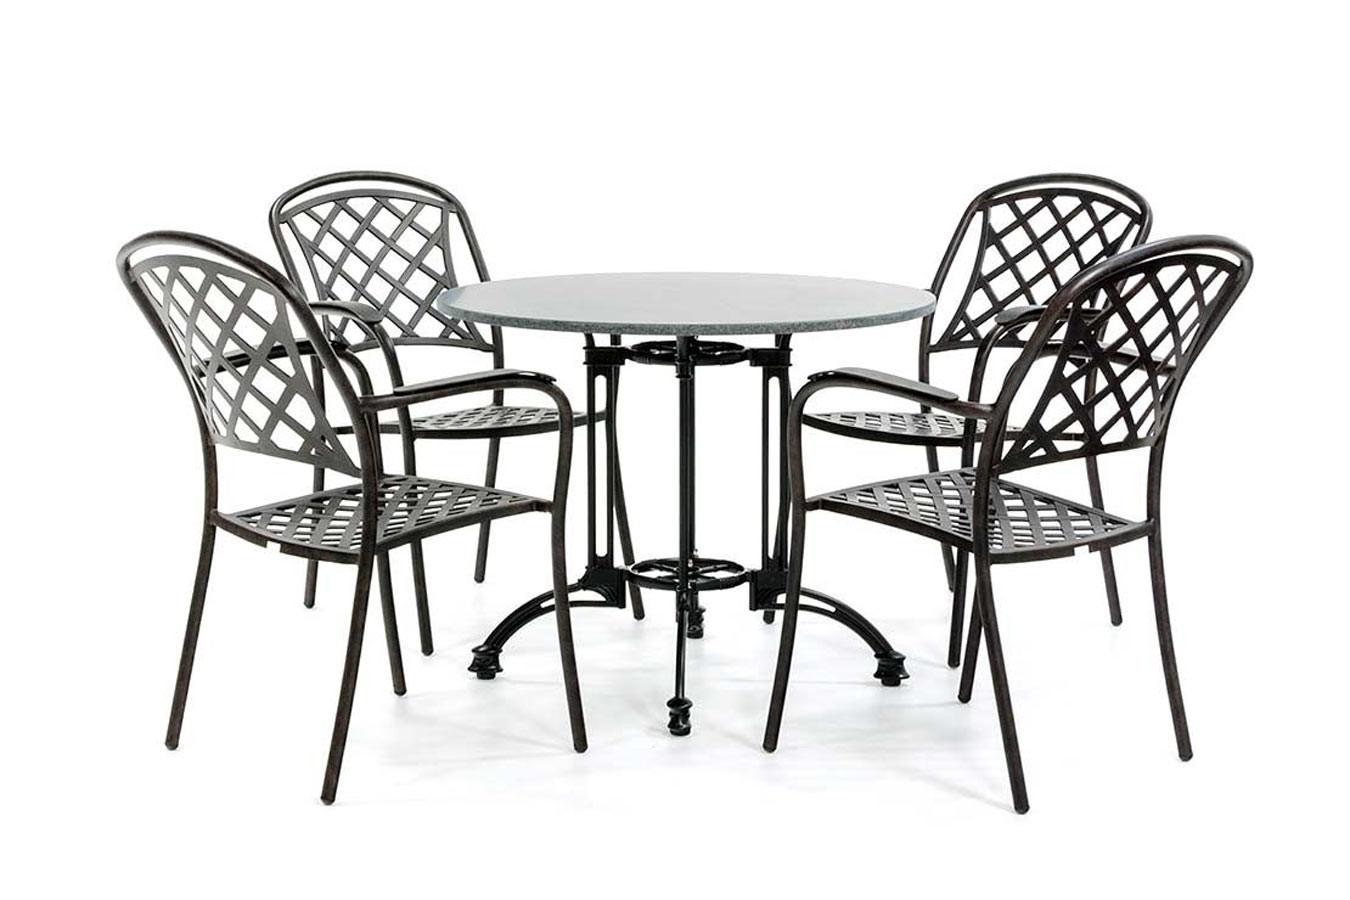 Granieten bistroset met 4 klassieke stoelen